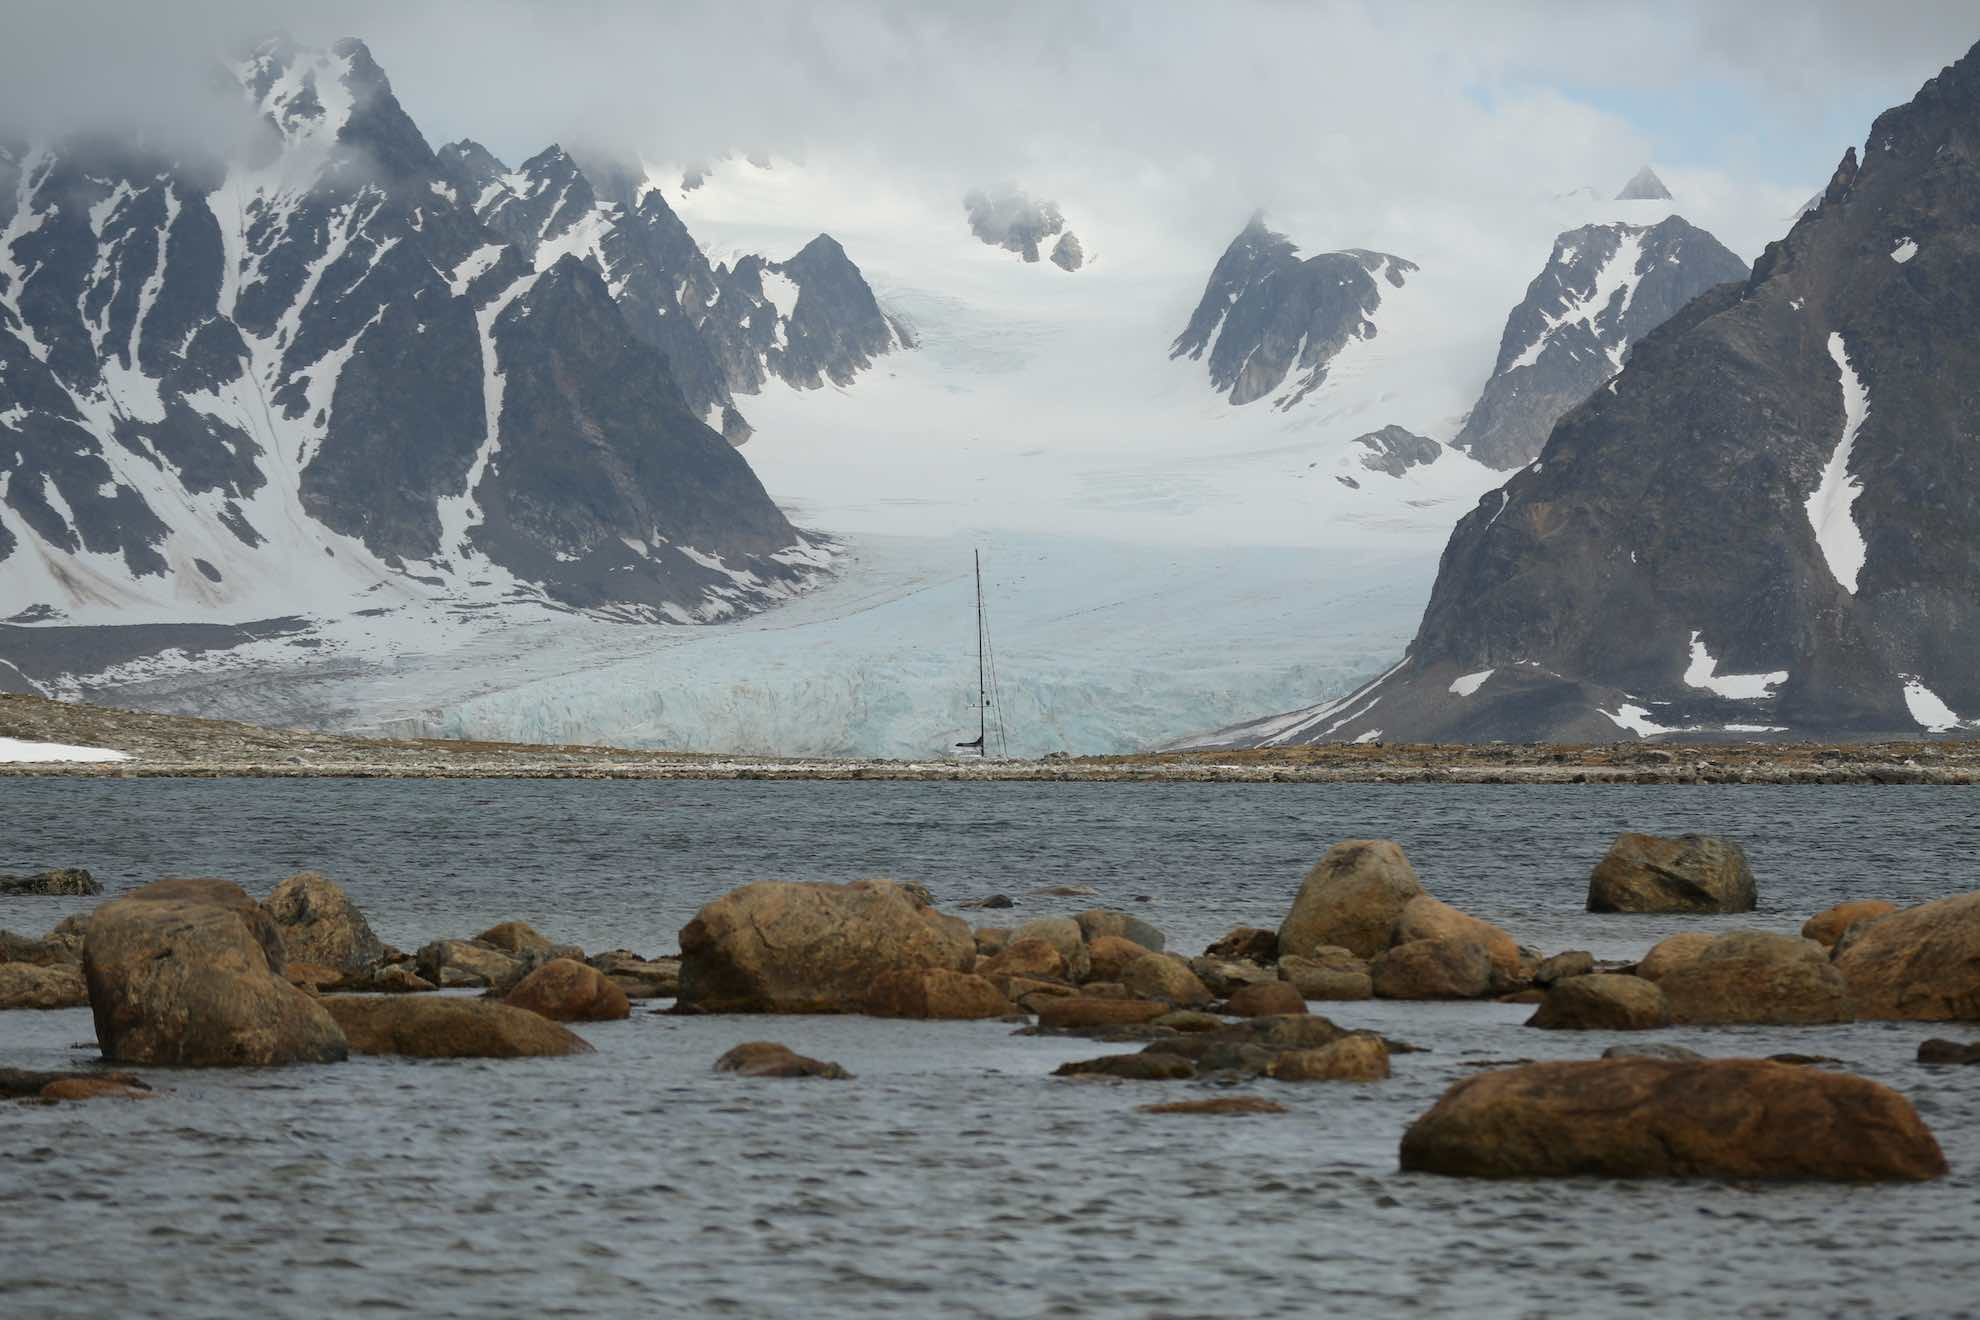 """... der Ort, von dem 1896 die """"Andrée-Expedition"""" versuchte, mit dem Heißluftballon zum Nordpol vorzudringen, jedoch scheiterte."""